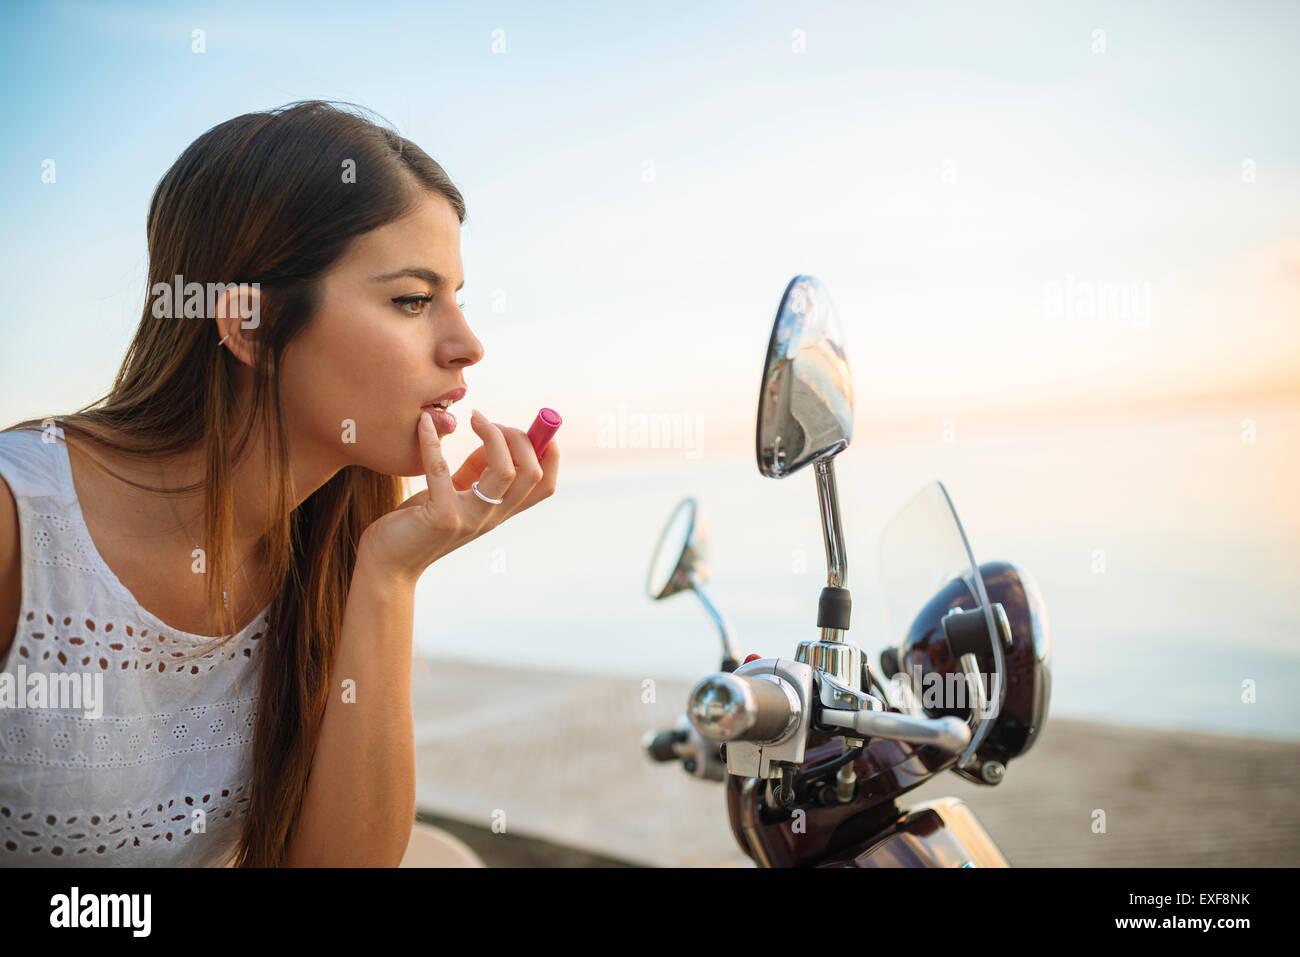 Giovane donna rossetto in motocicletta specchio, Manila, Filippine Immagini Stock